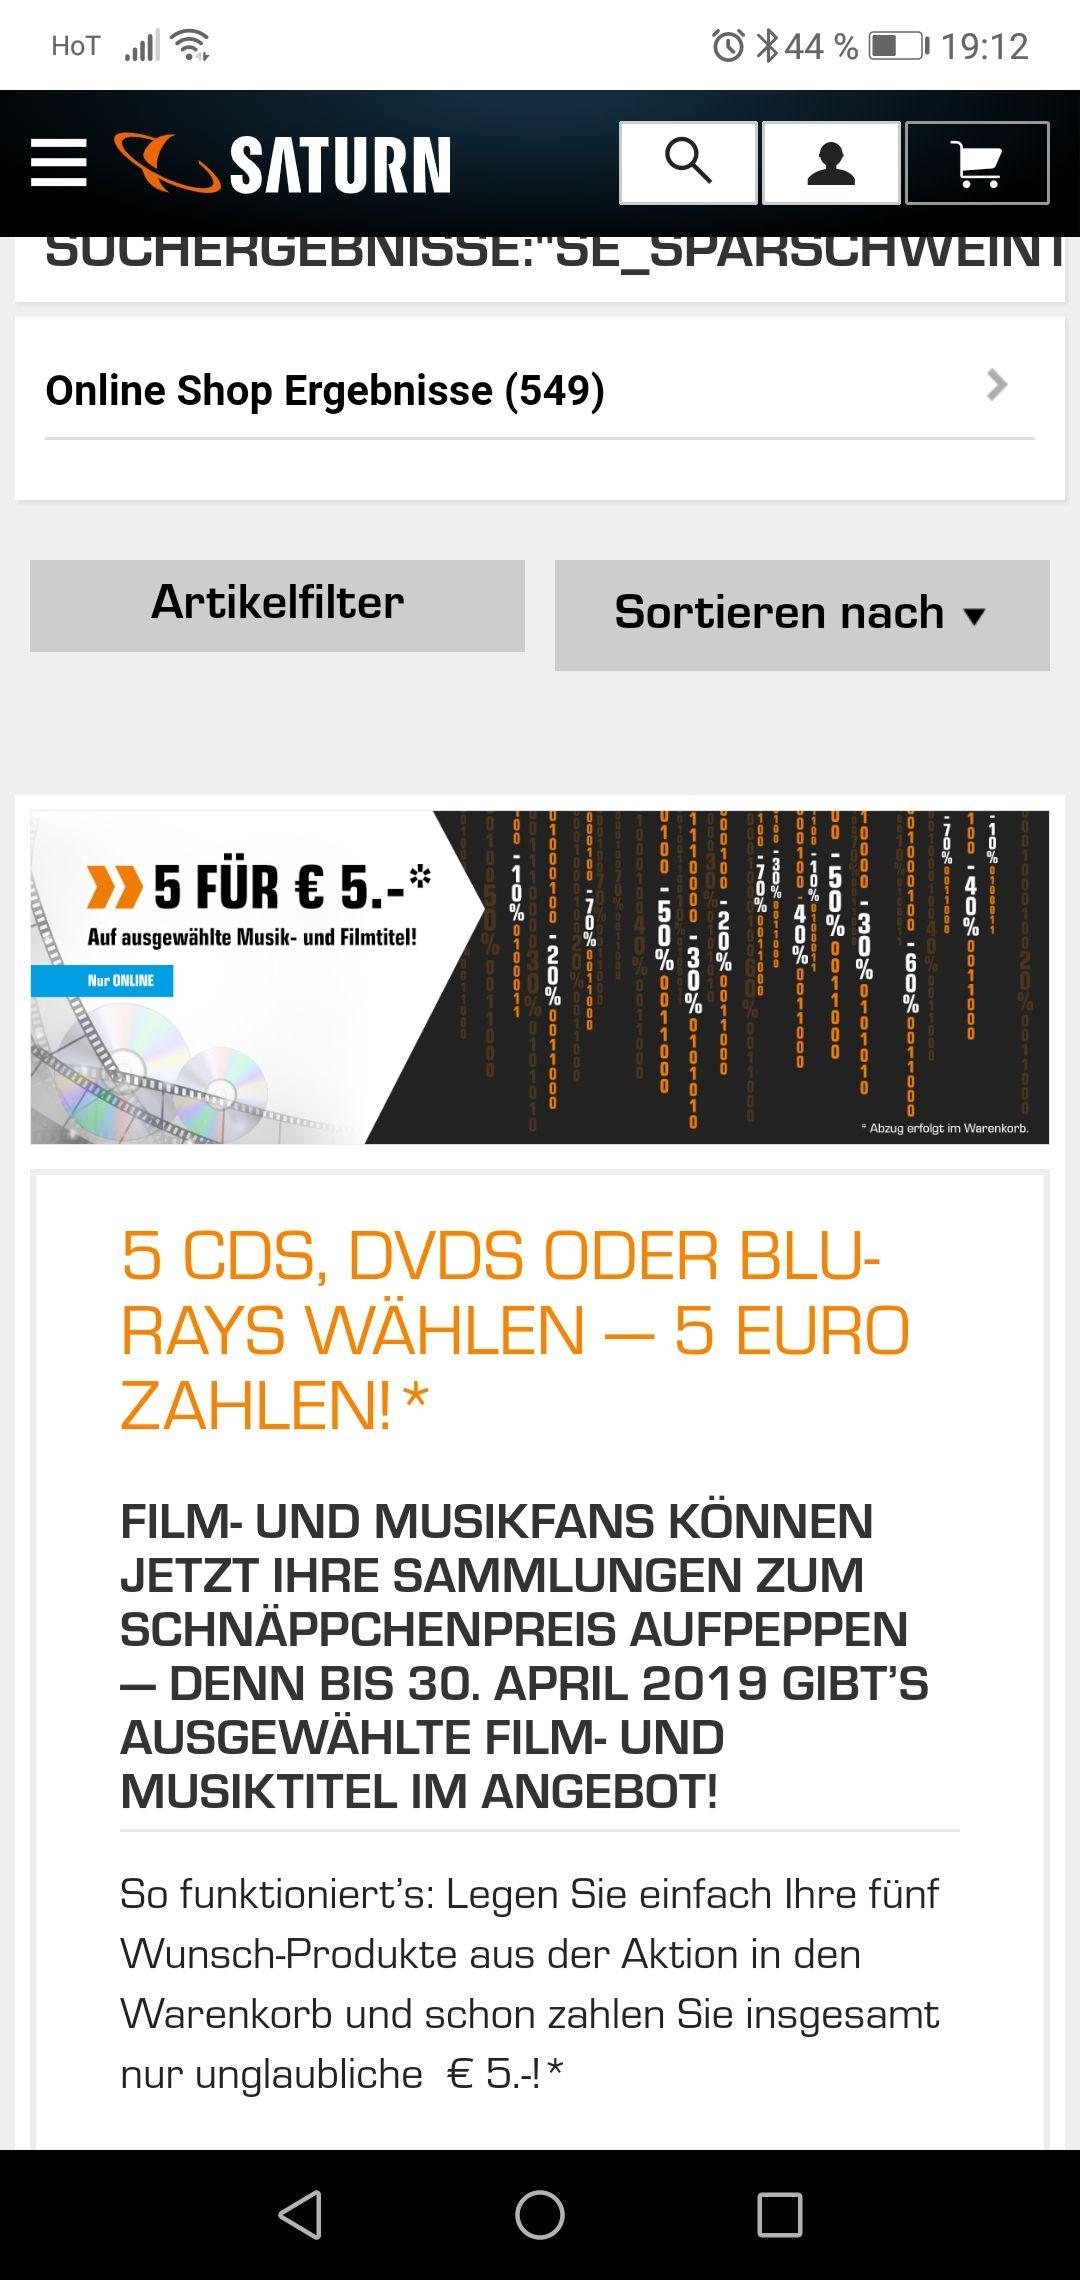 Saturn 5 CDs DVD oder Blue rays für 5 Euro